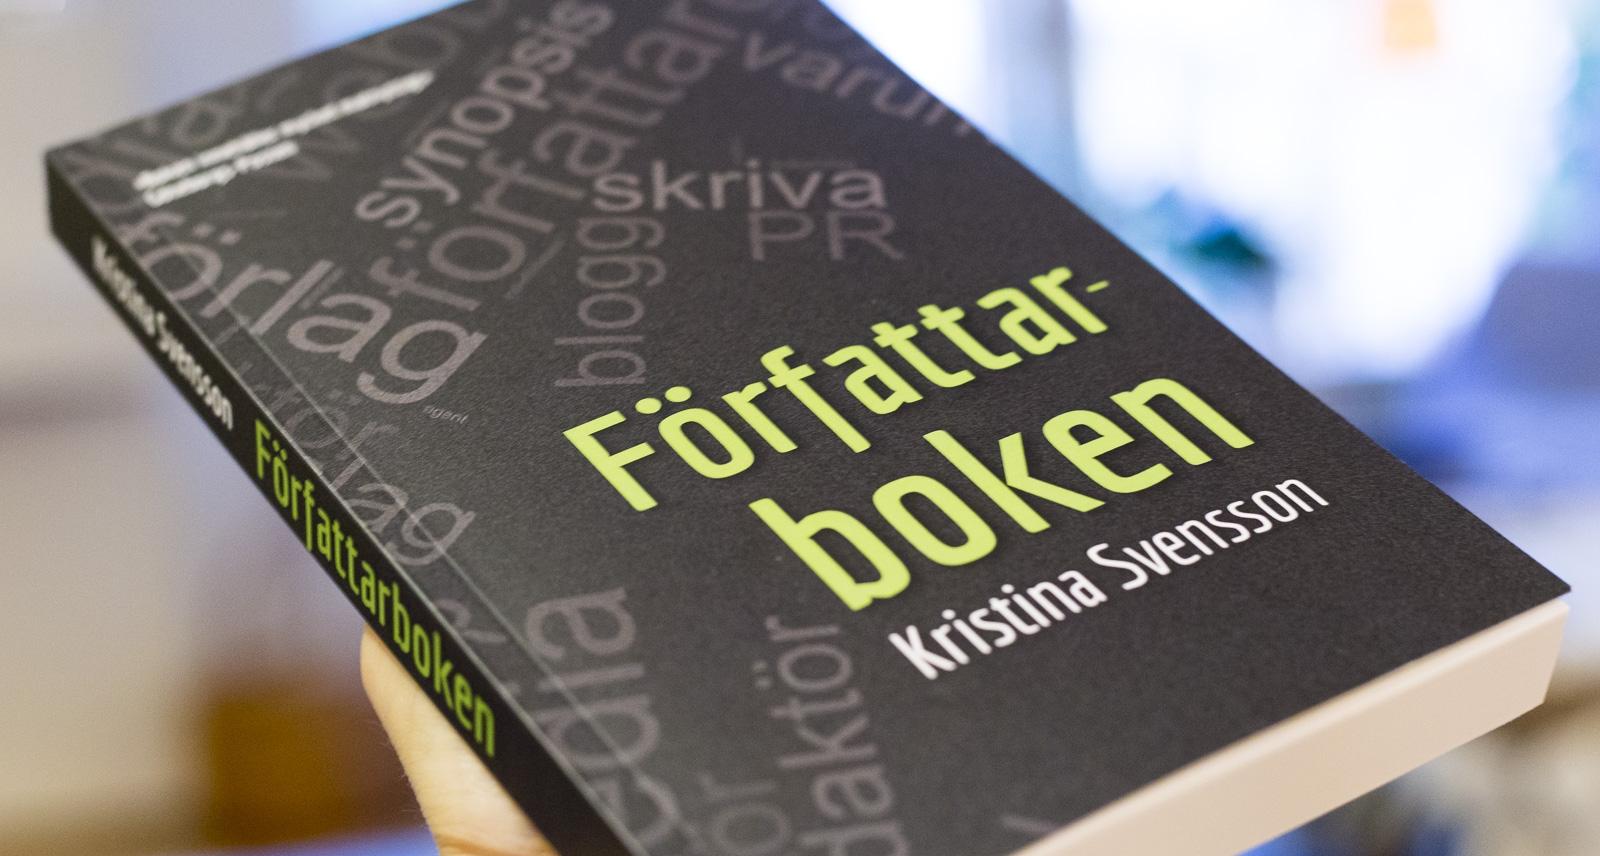 Författarboken (2017) av Kristina Svensson